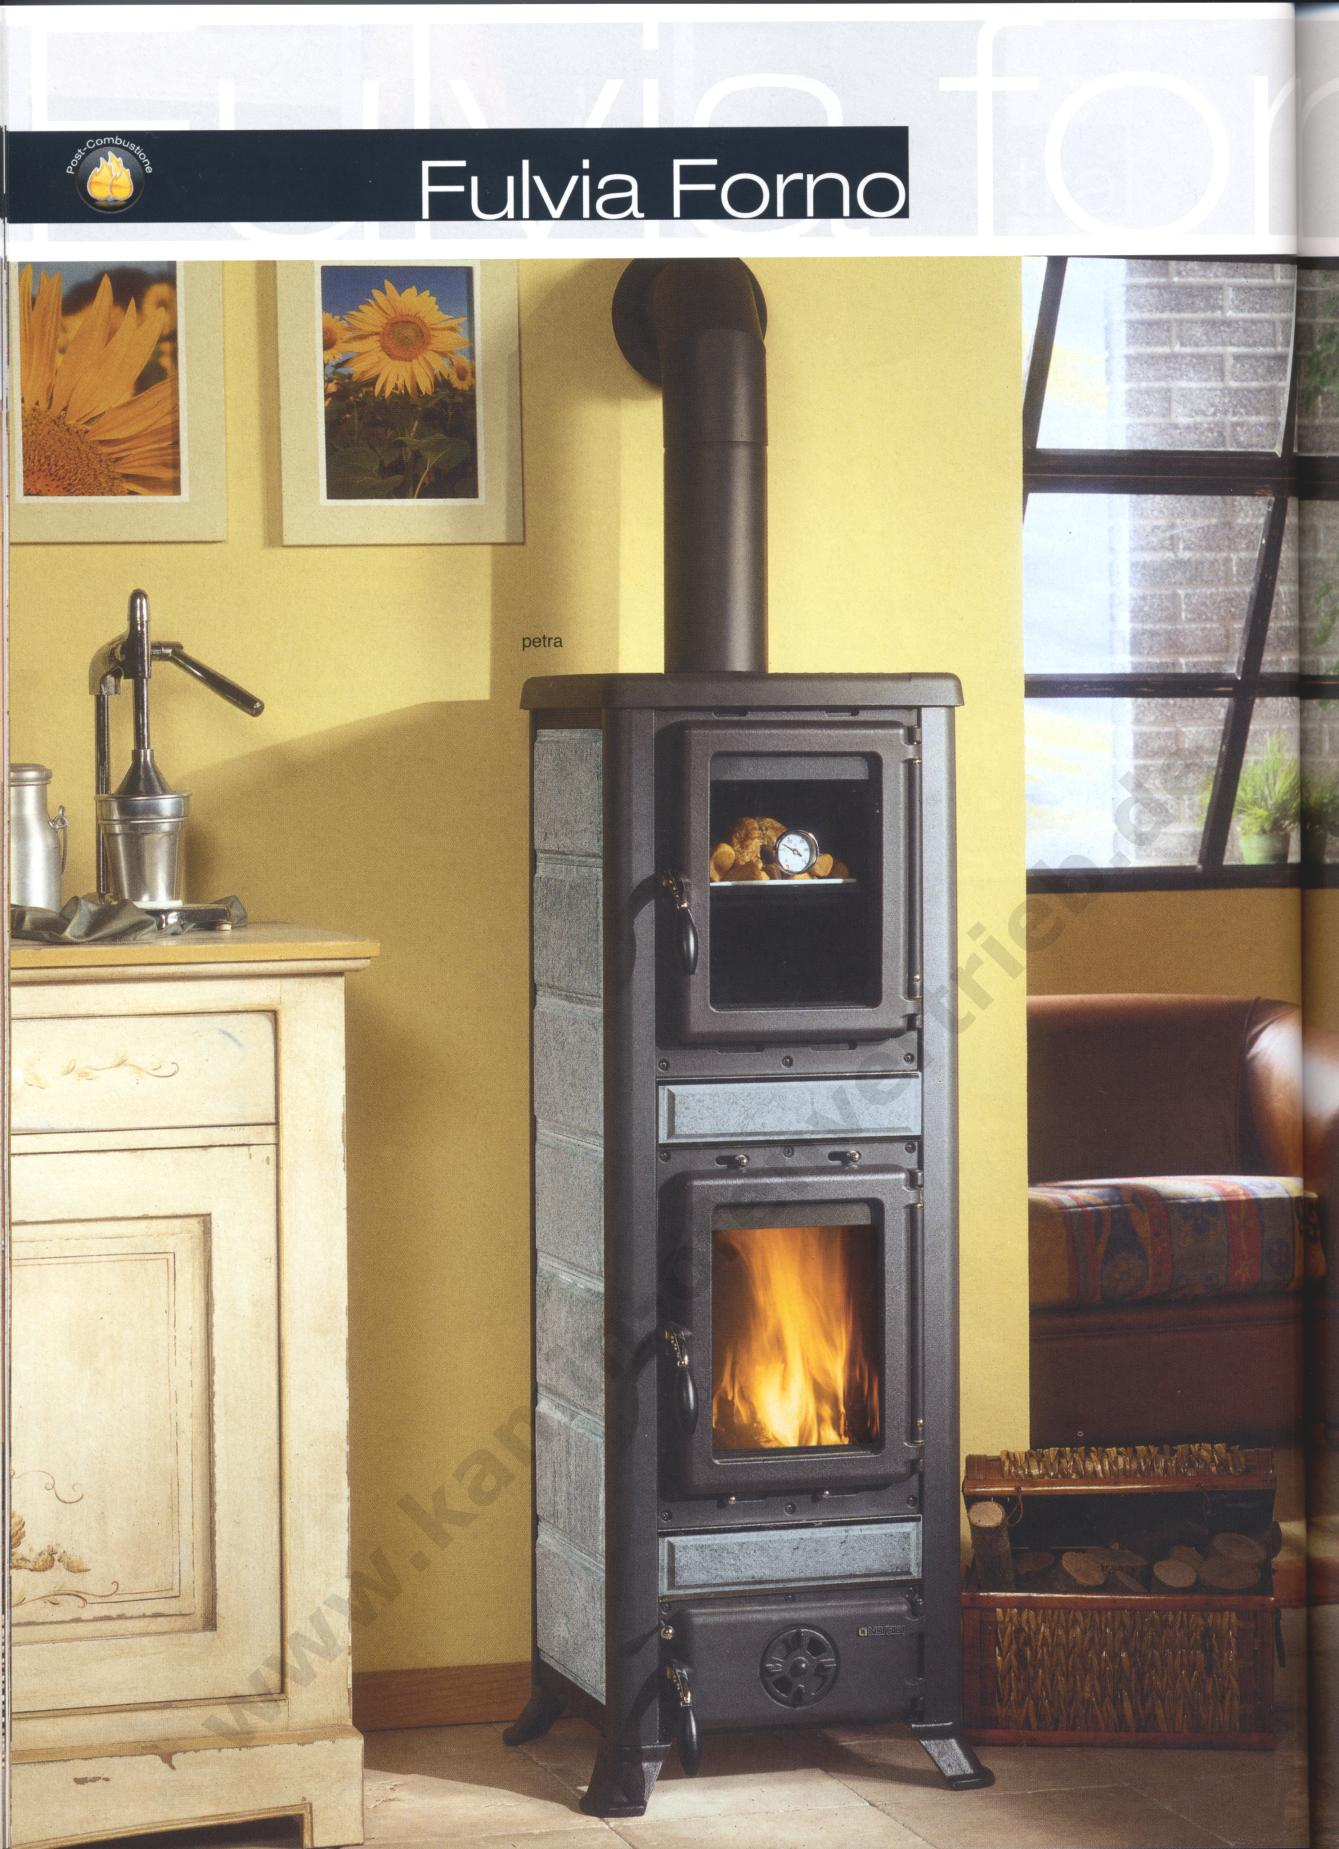 la nordica kaminofen fulvia forno liberty bordeaux pergamena petra. Black Bedroom Furniture Sets. Home Design Ideas